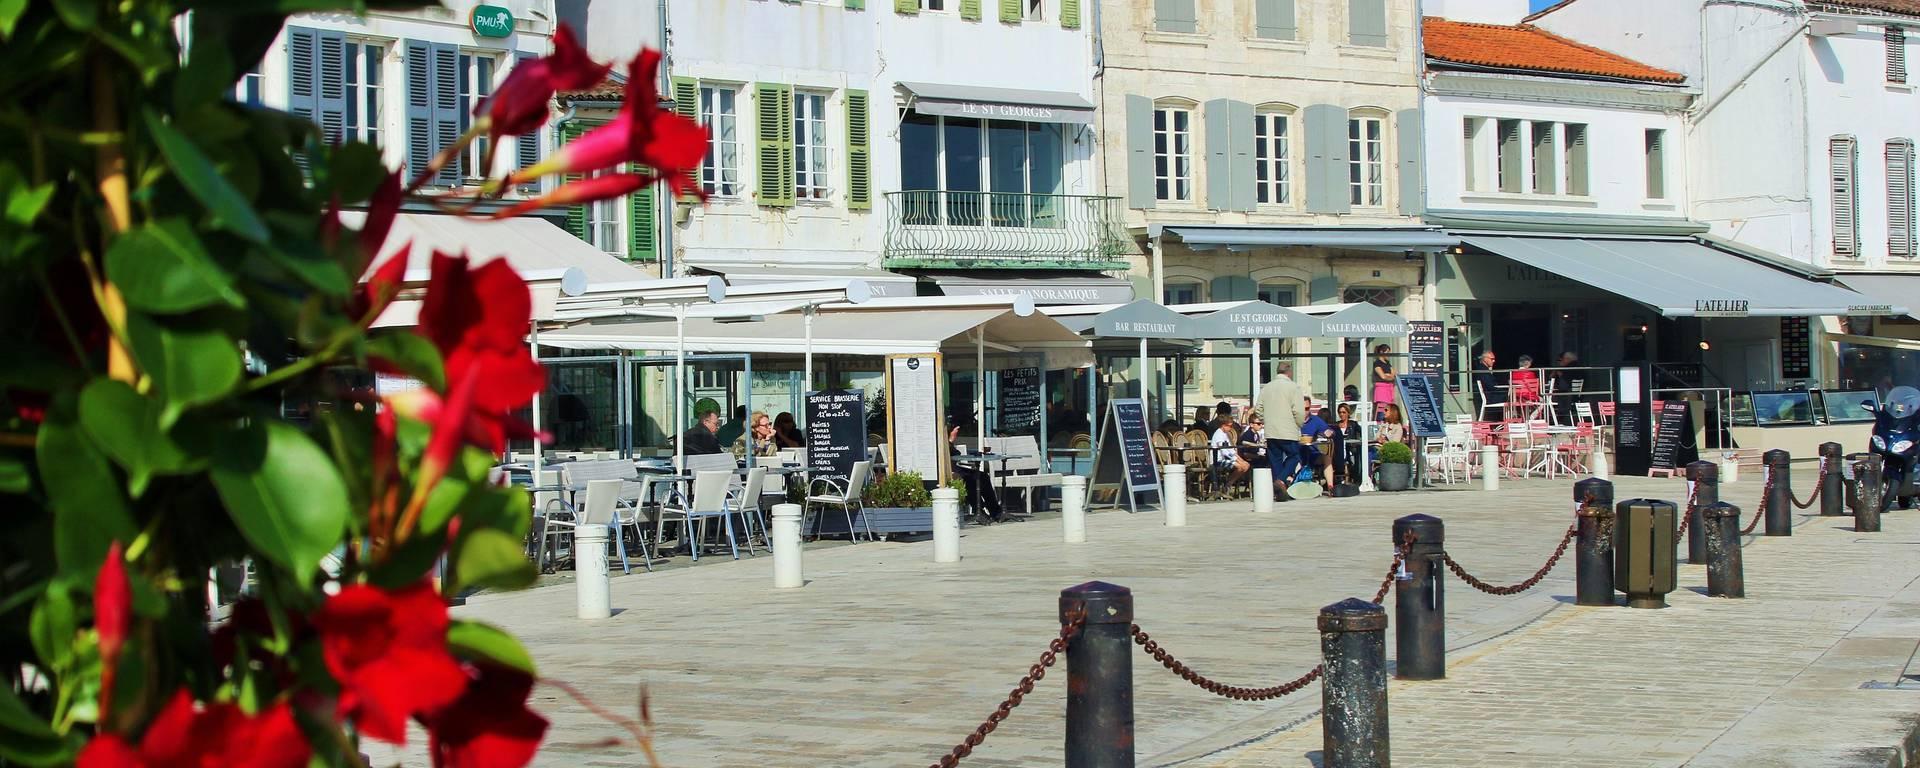 Terrasses de café - Vue du port par Lesley Williamson